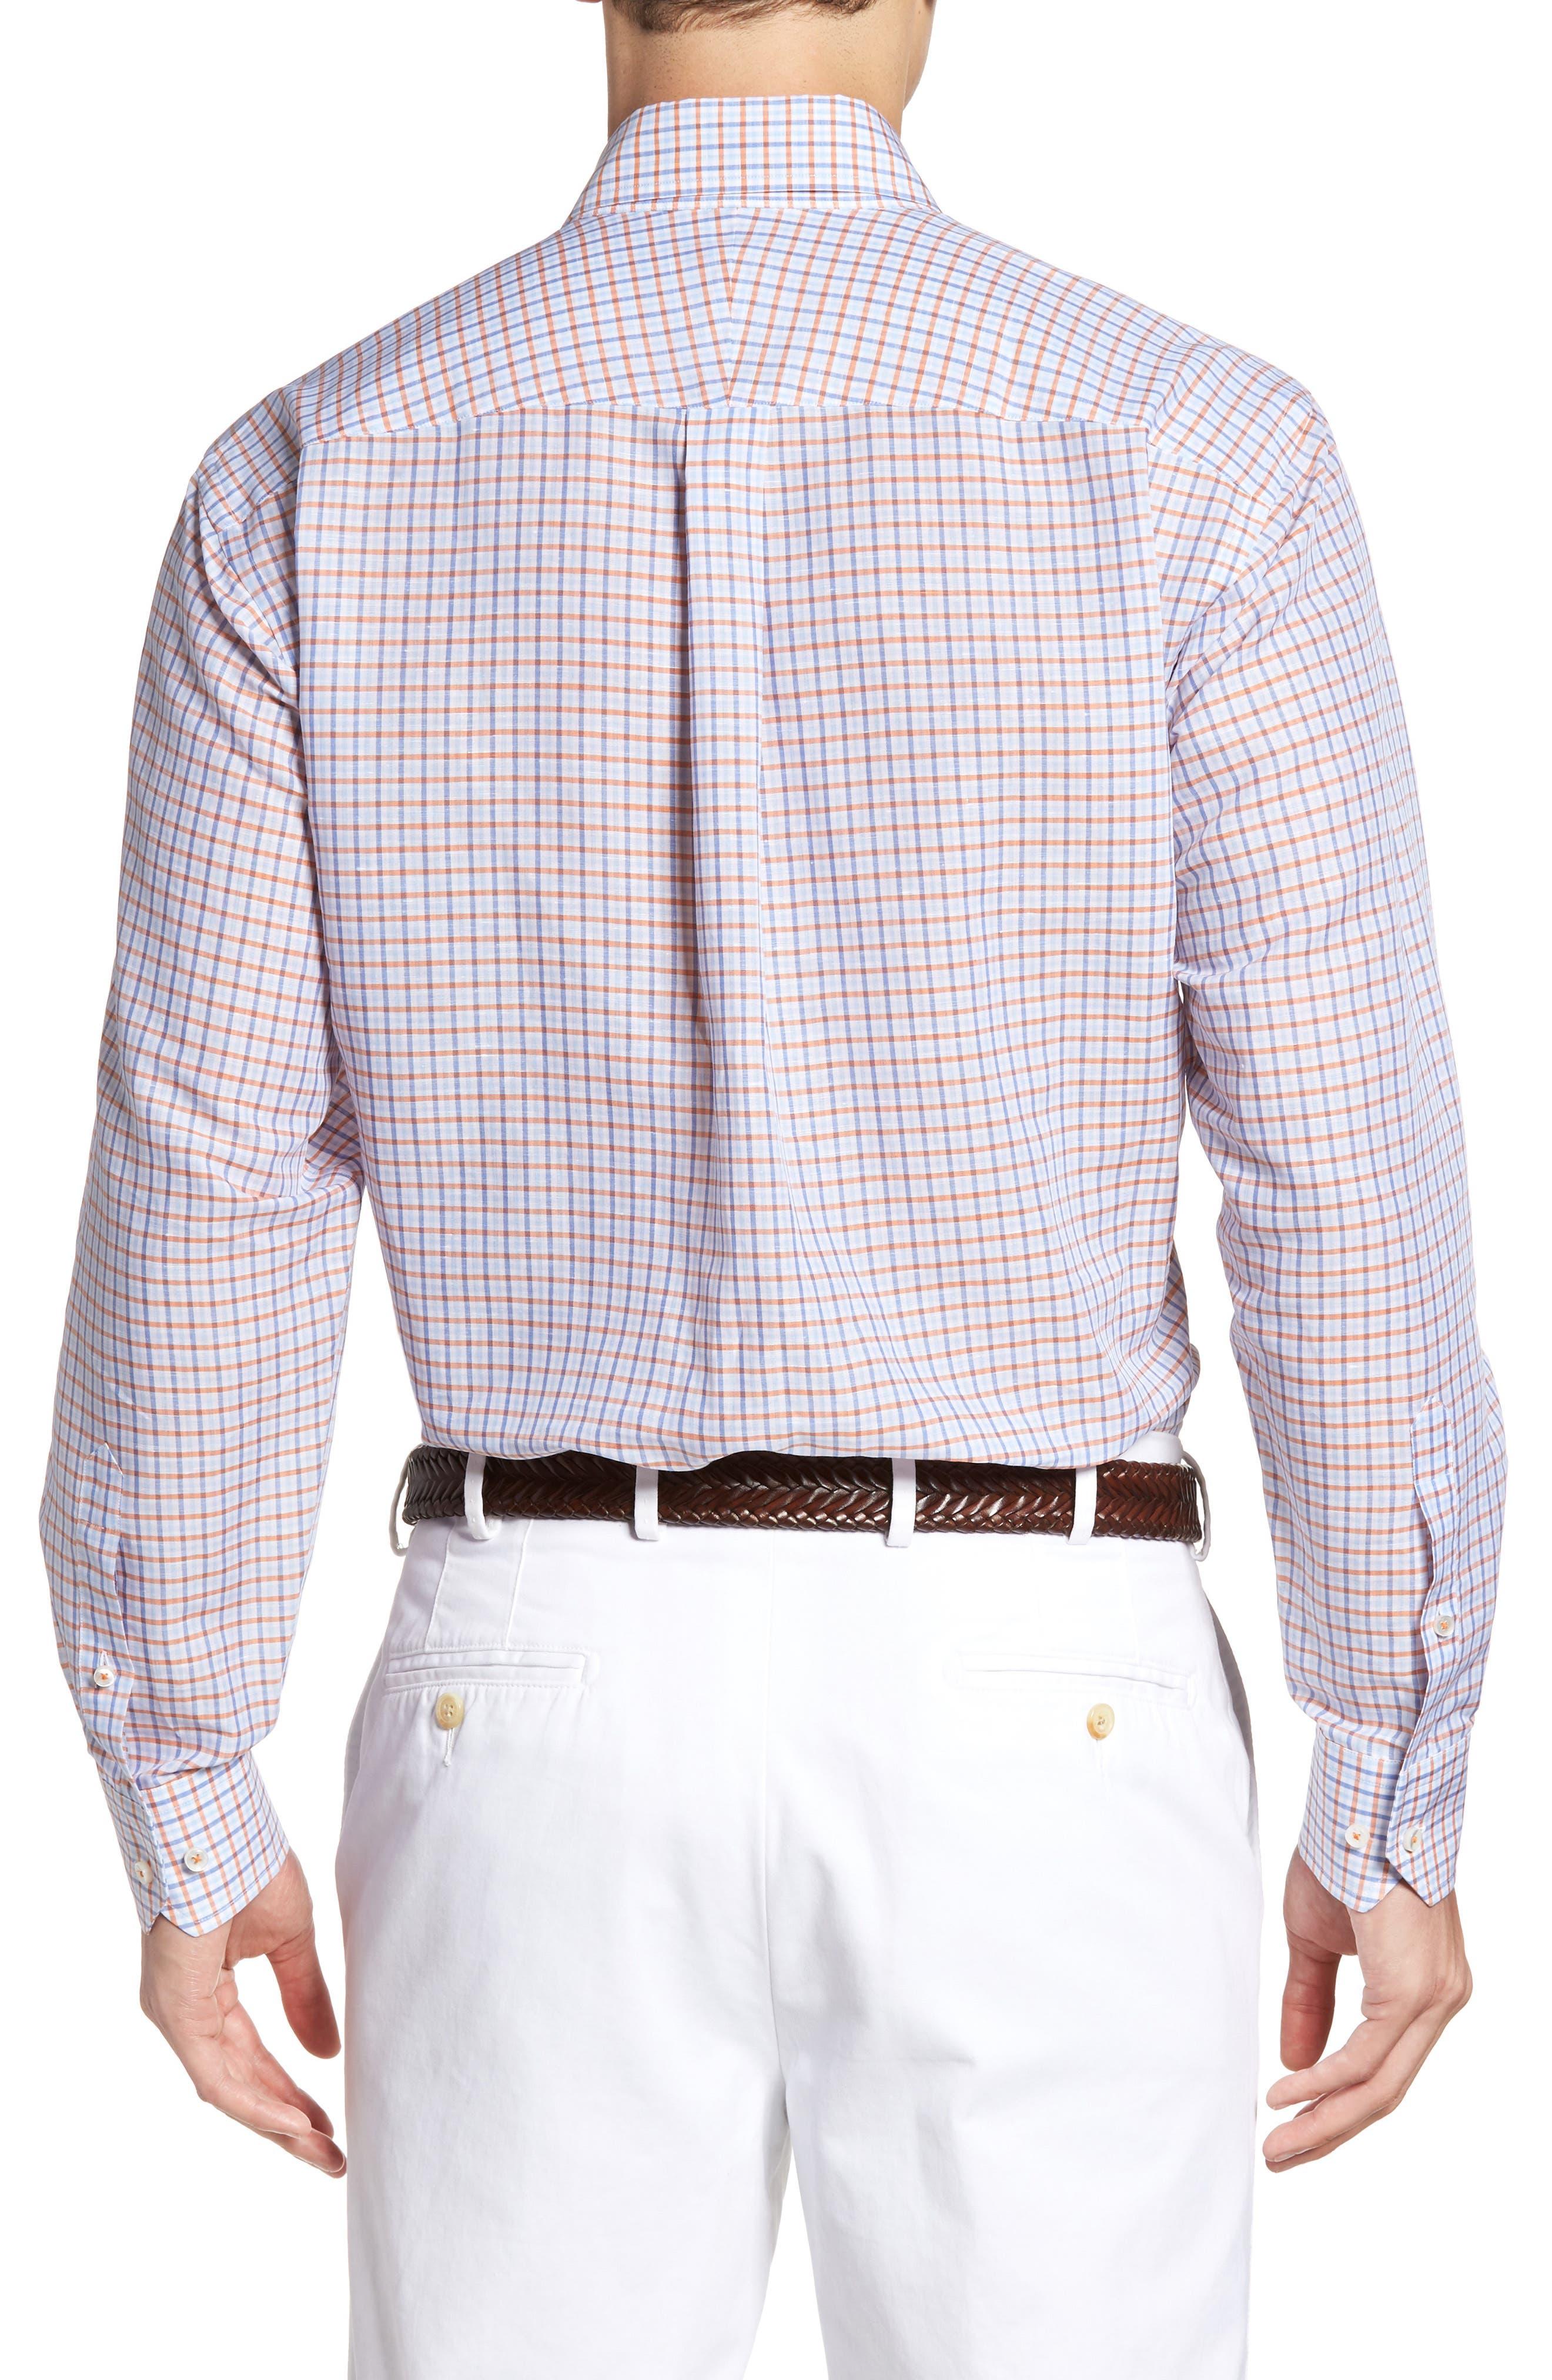 Estate Classic Fit Sport Shirt,                             Alternate thumbnail 2, color,                             810